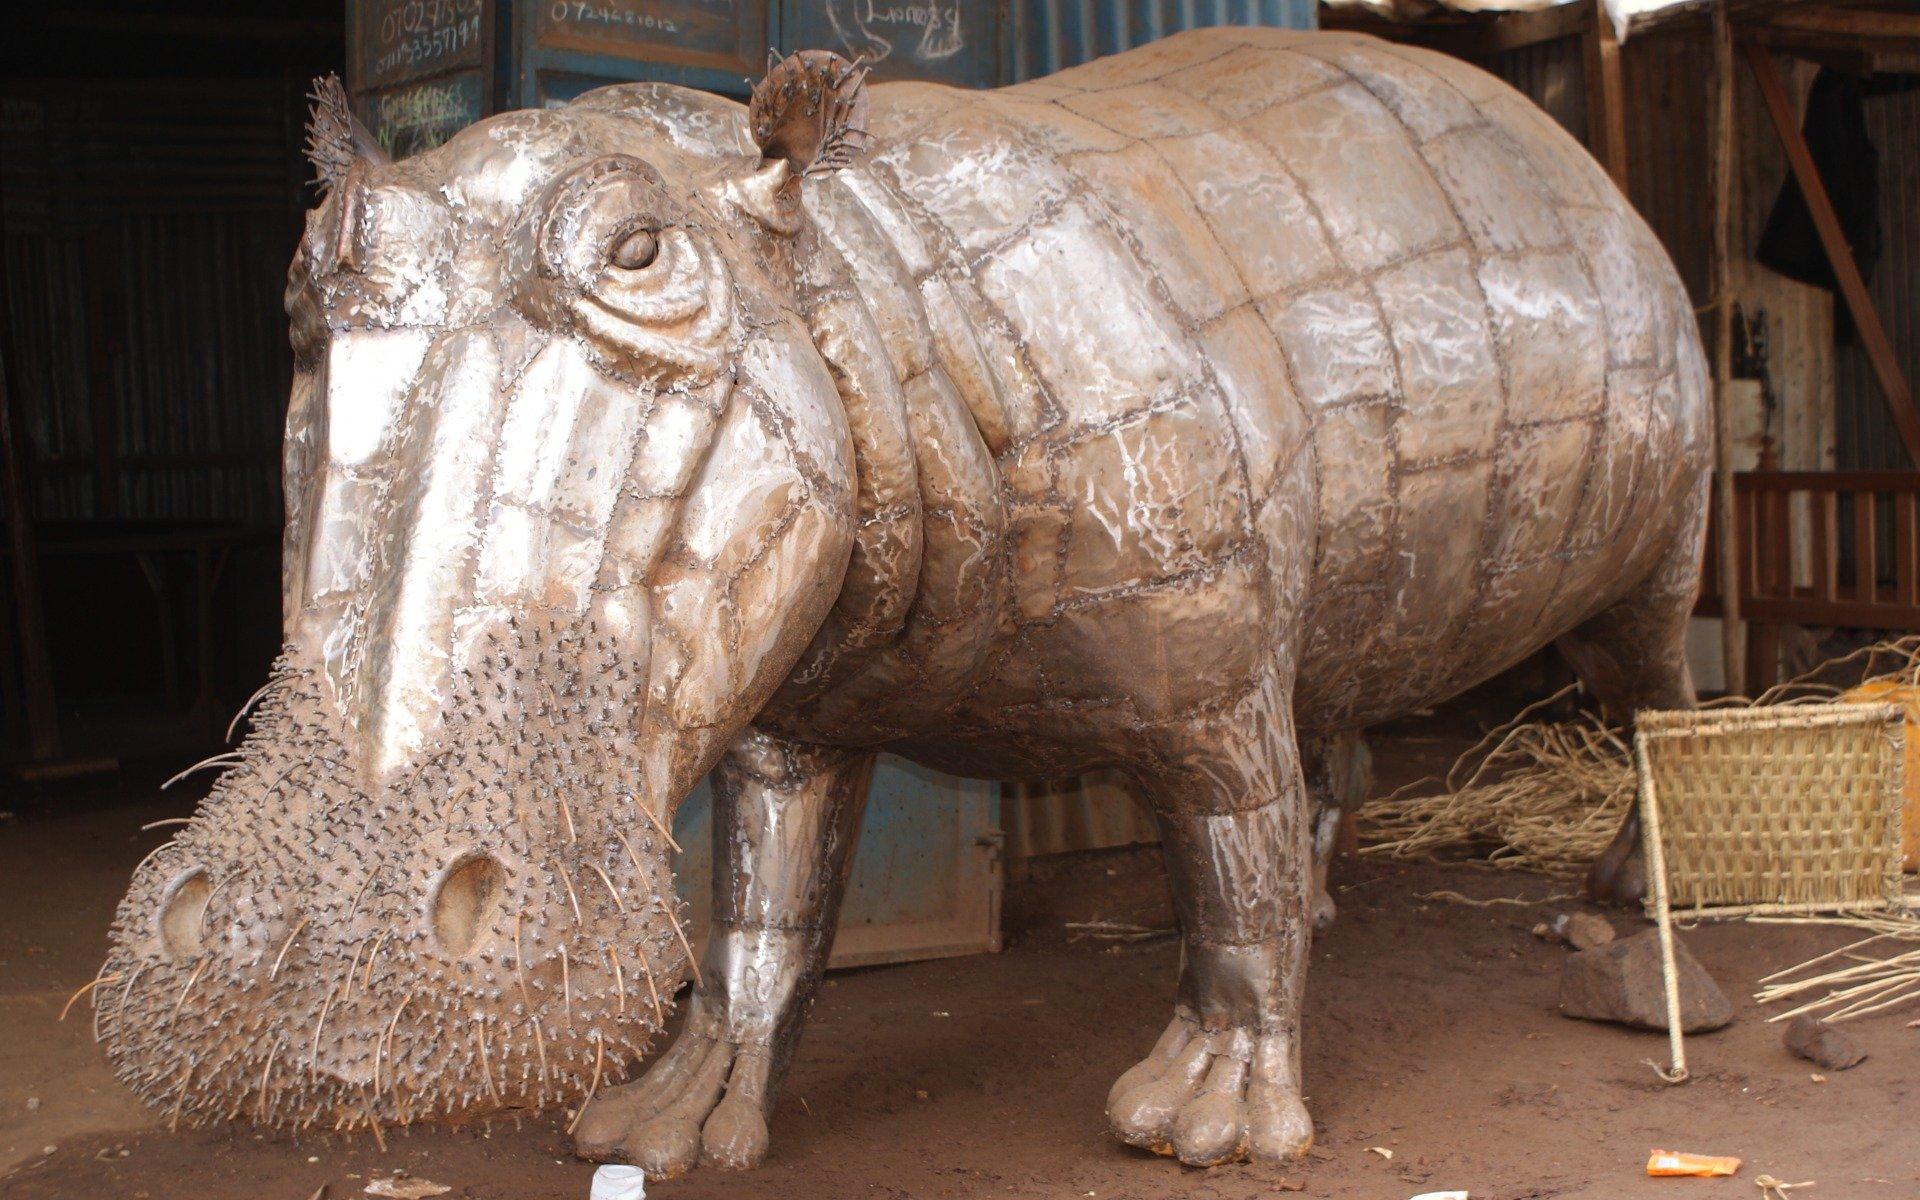 A Hippo statue by the Dagoretti Artisans